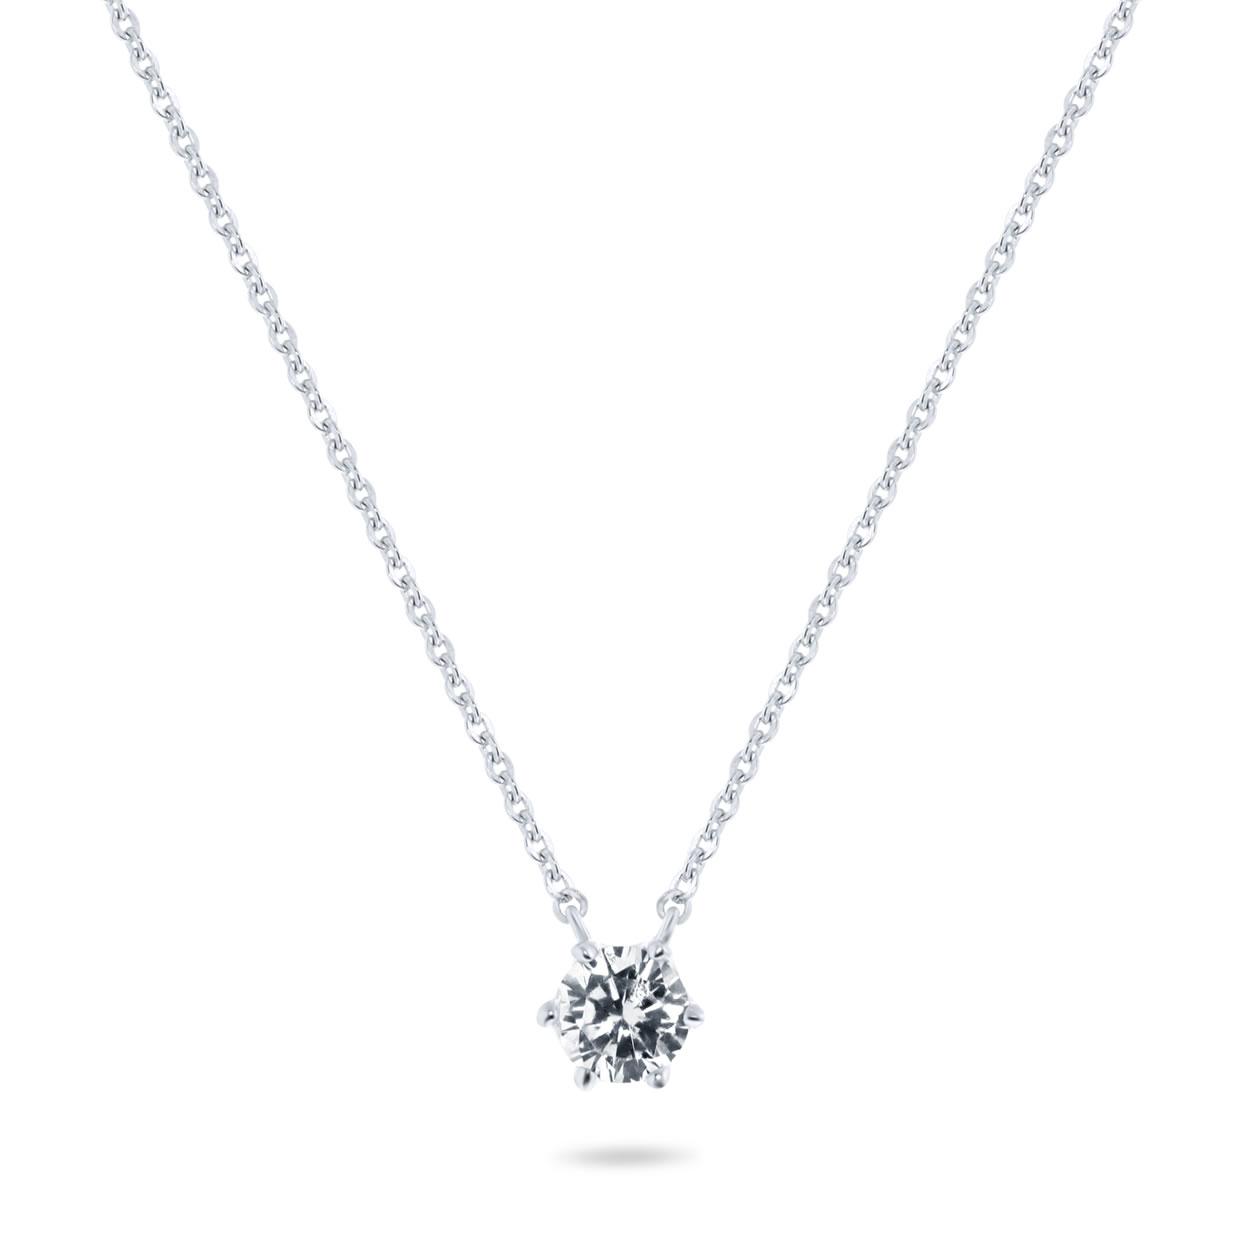 Zilveren collier met zirkonia steen van 5mm